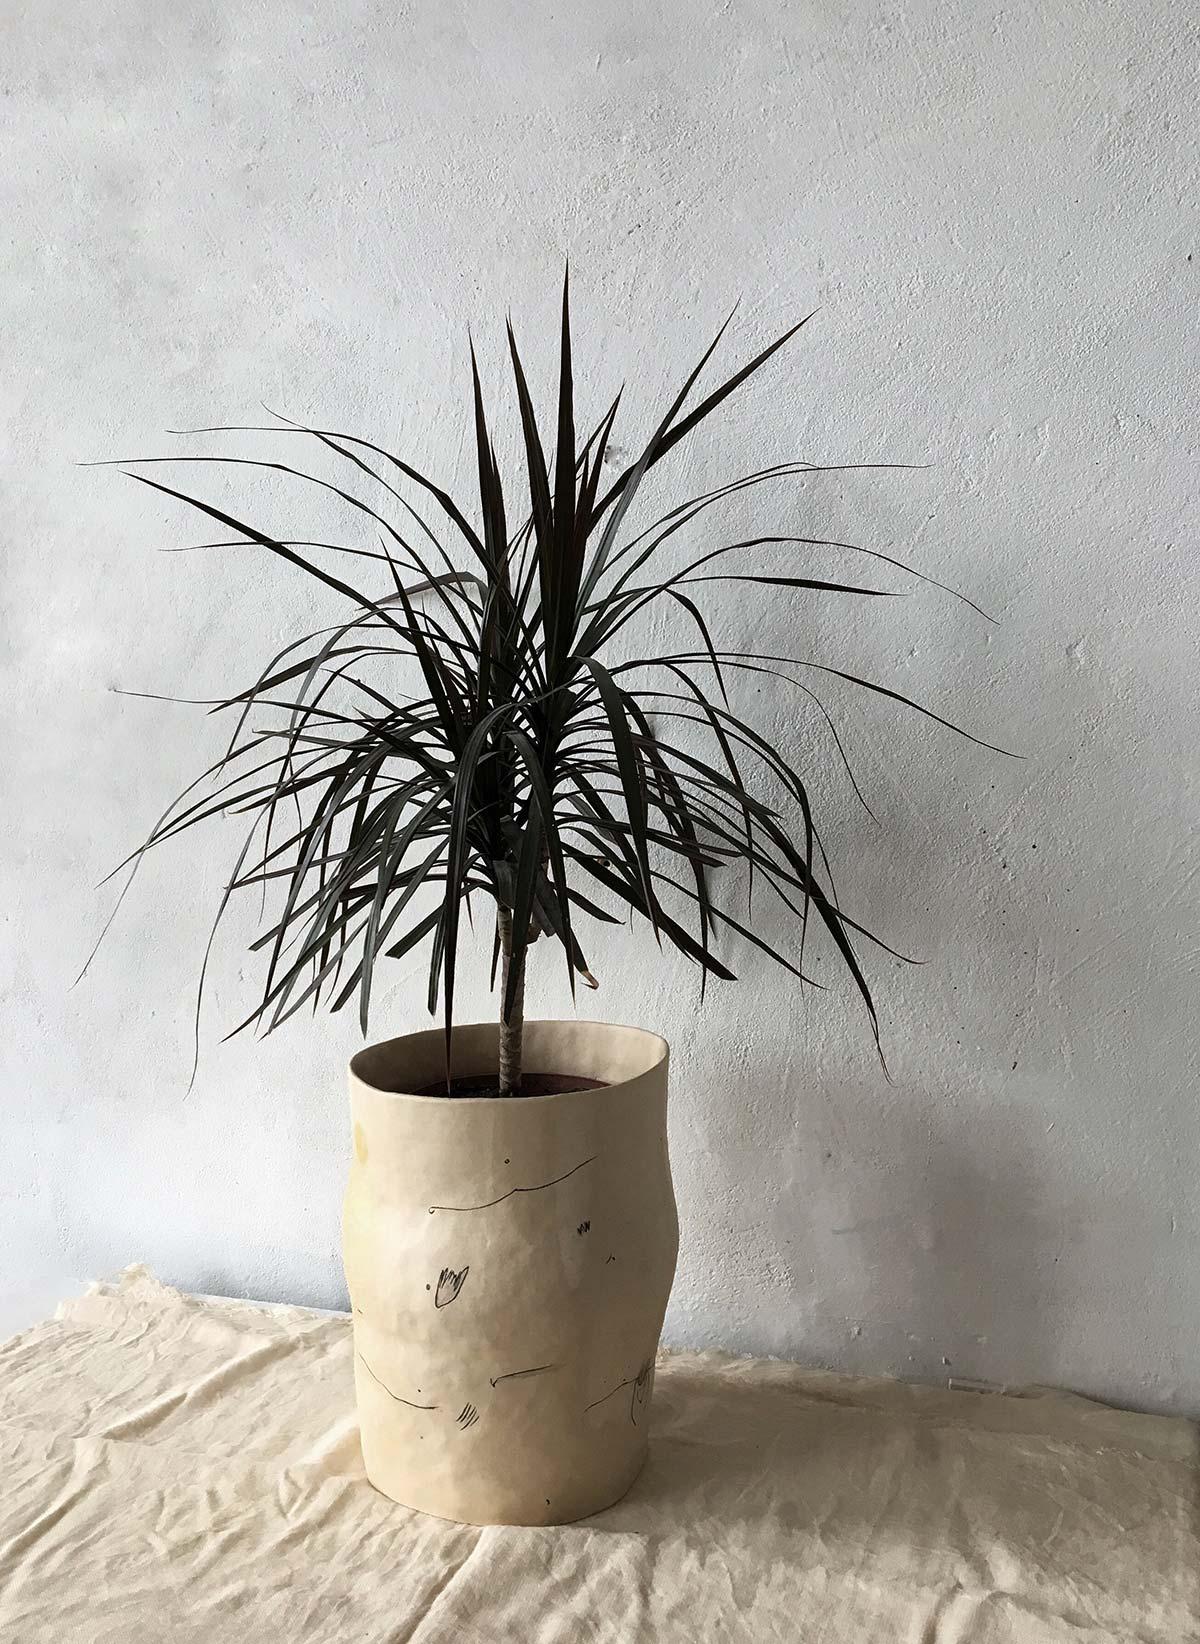 Кашпо для цветов (Ручная работа)